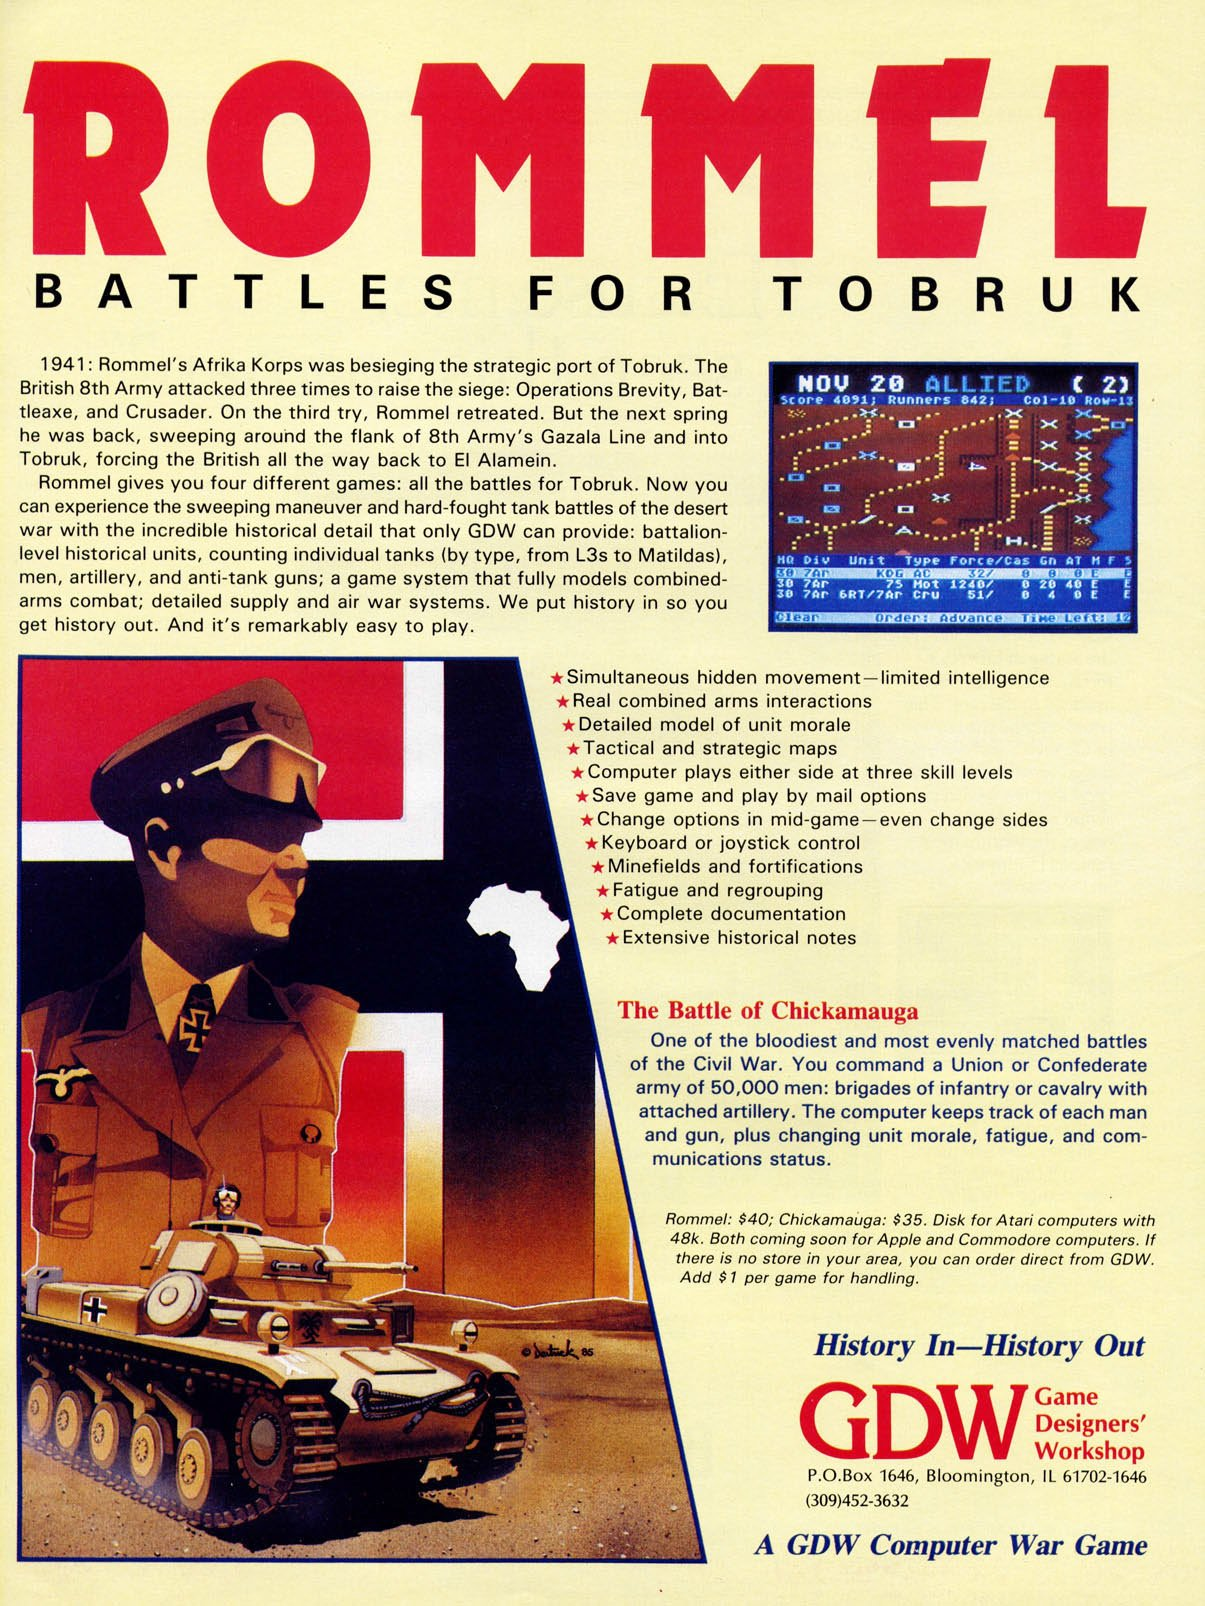 Rommel: Battles for Tobruk